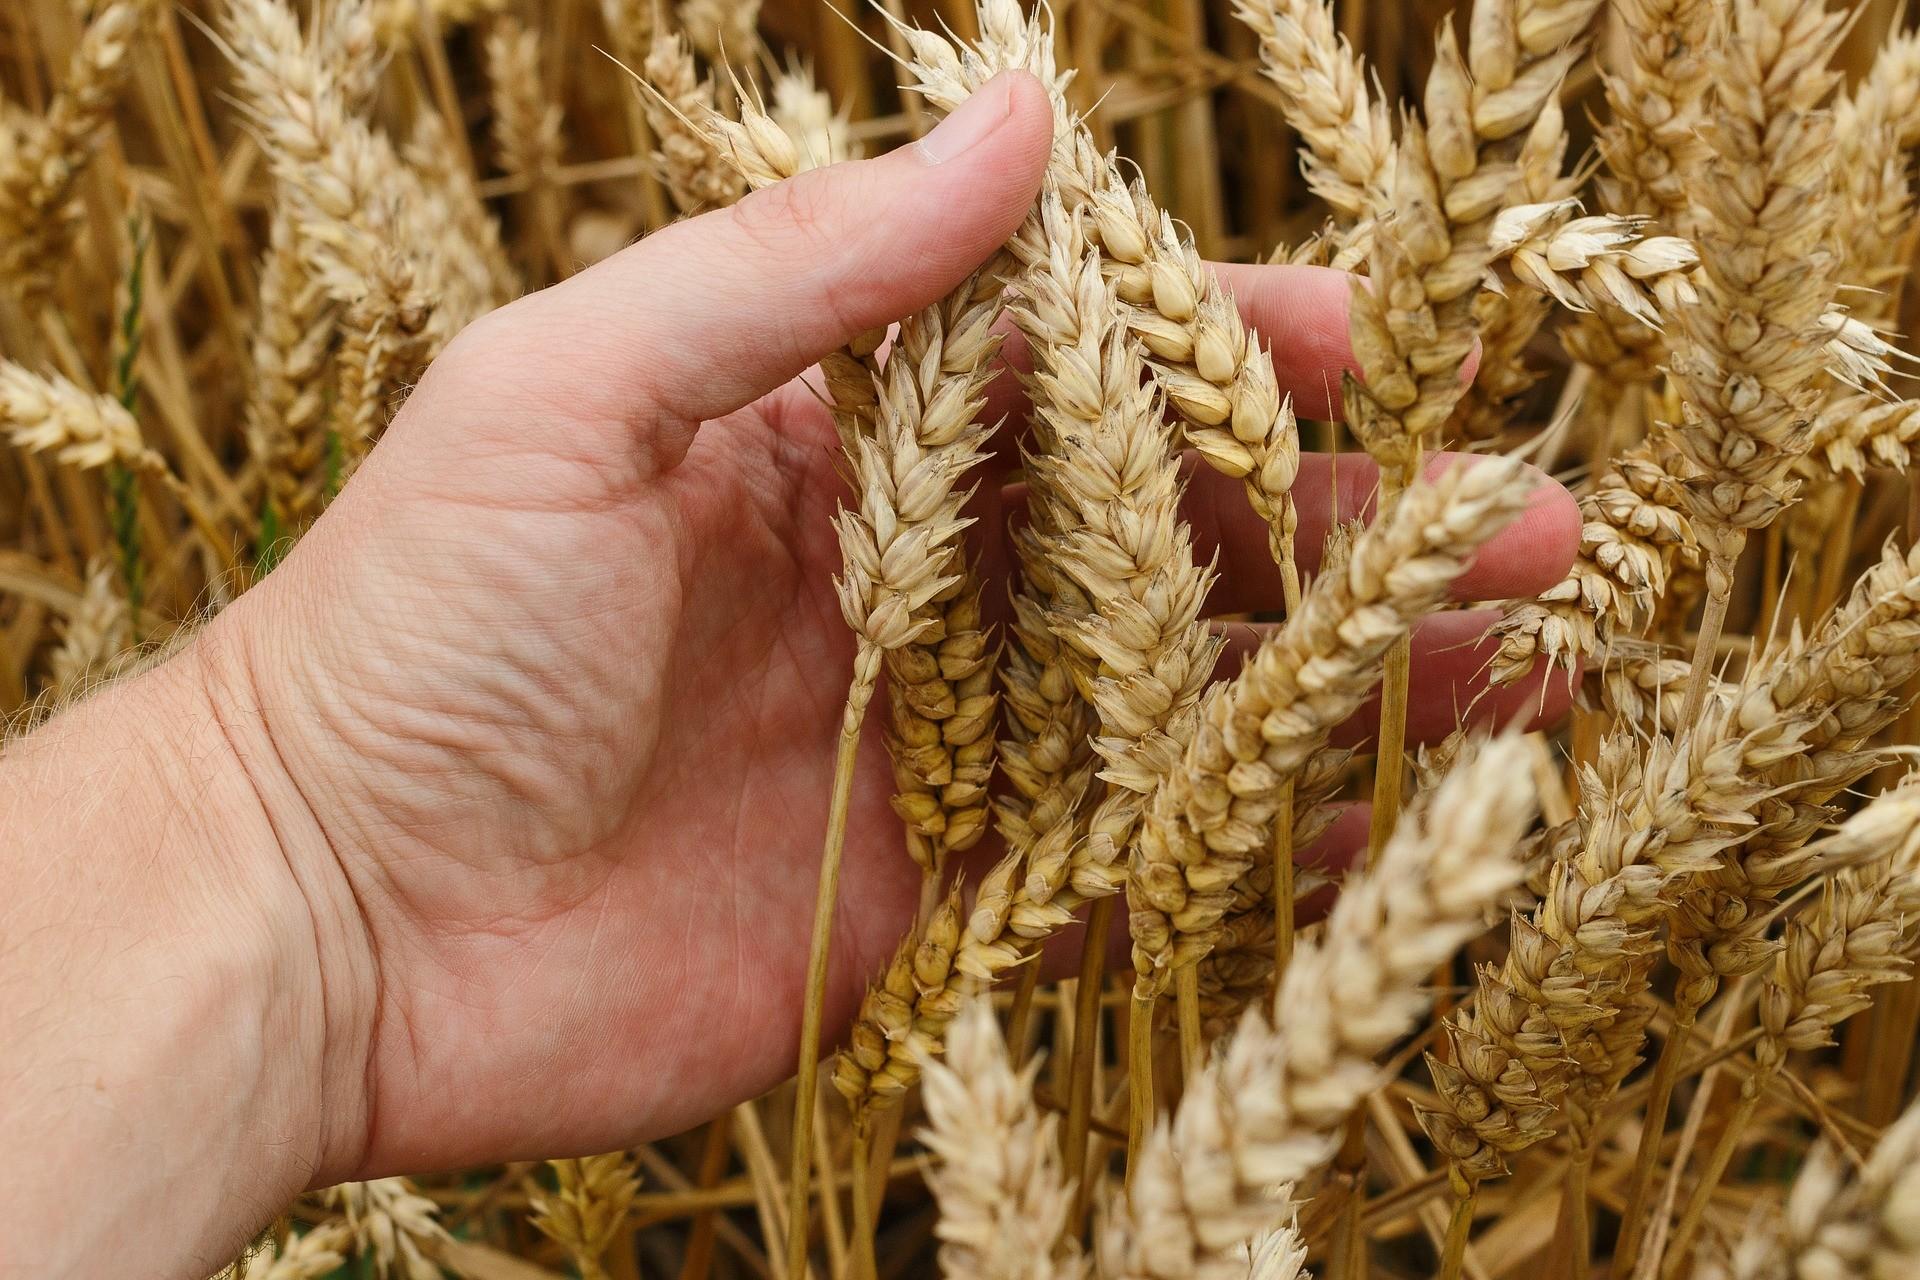 Weizen hat sich stark verändert - Glutenunverträglichkeiten nehmen zu!